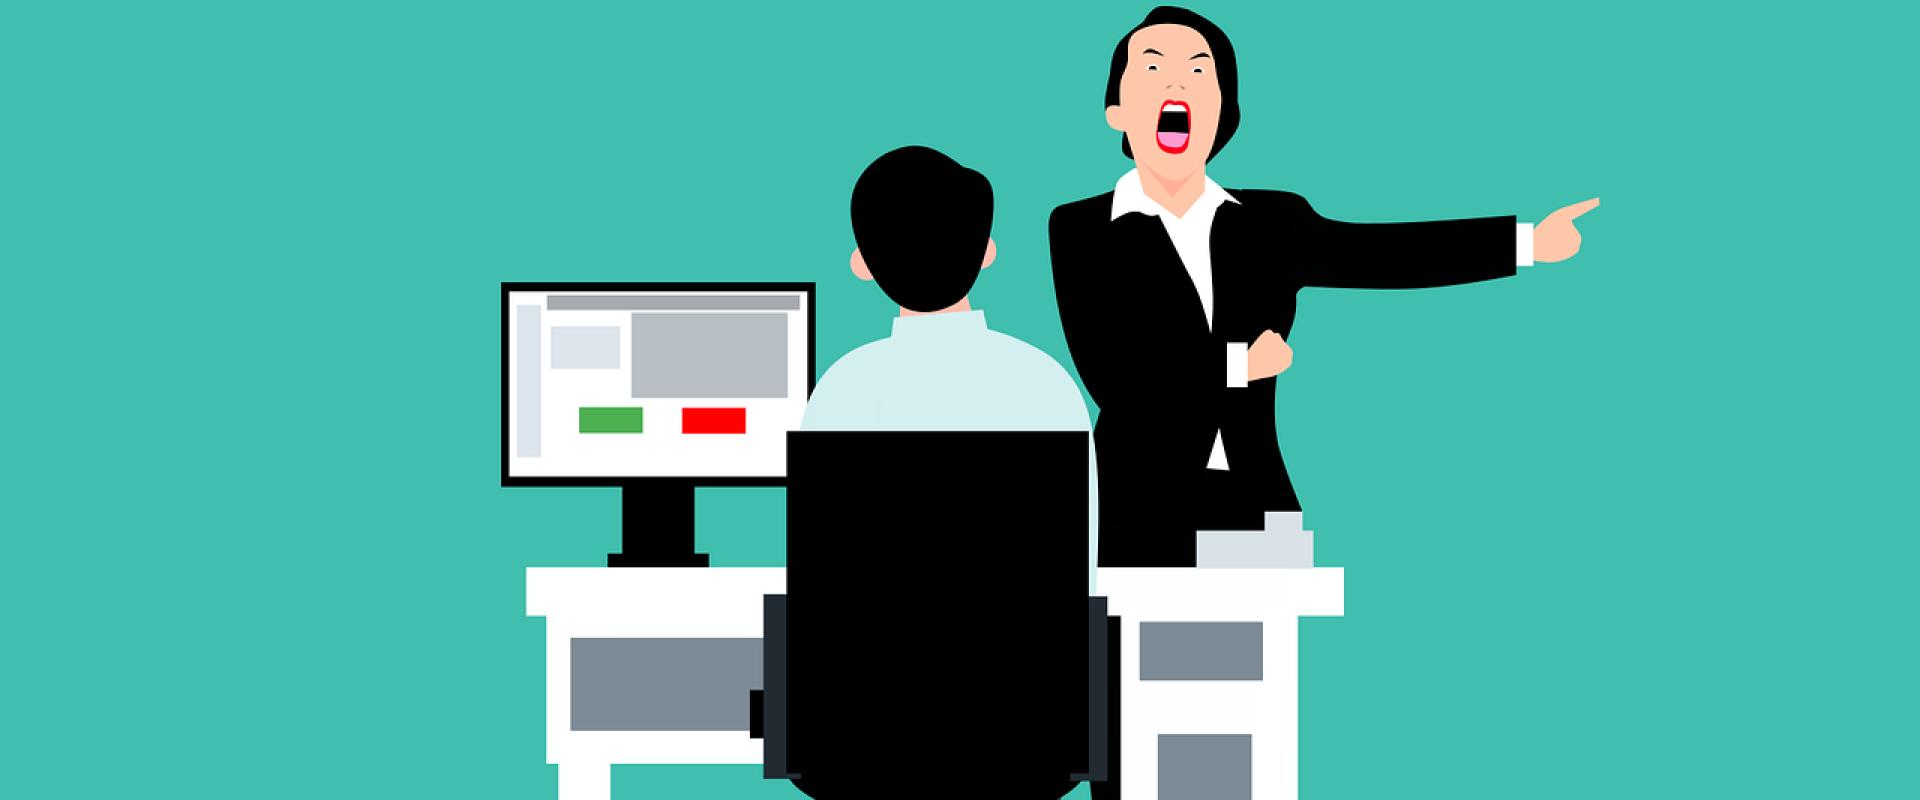 Heb jij ook wel eens irritaties en/of conflicten op het werk?